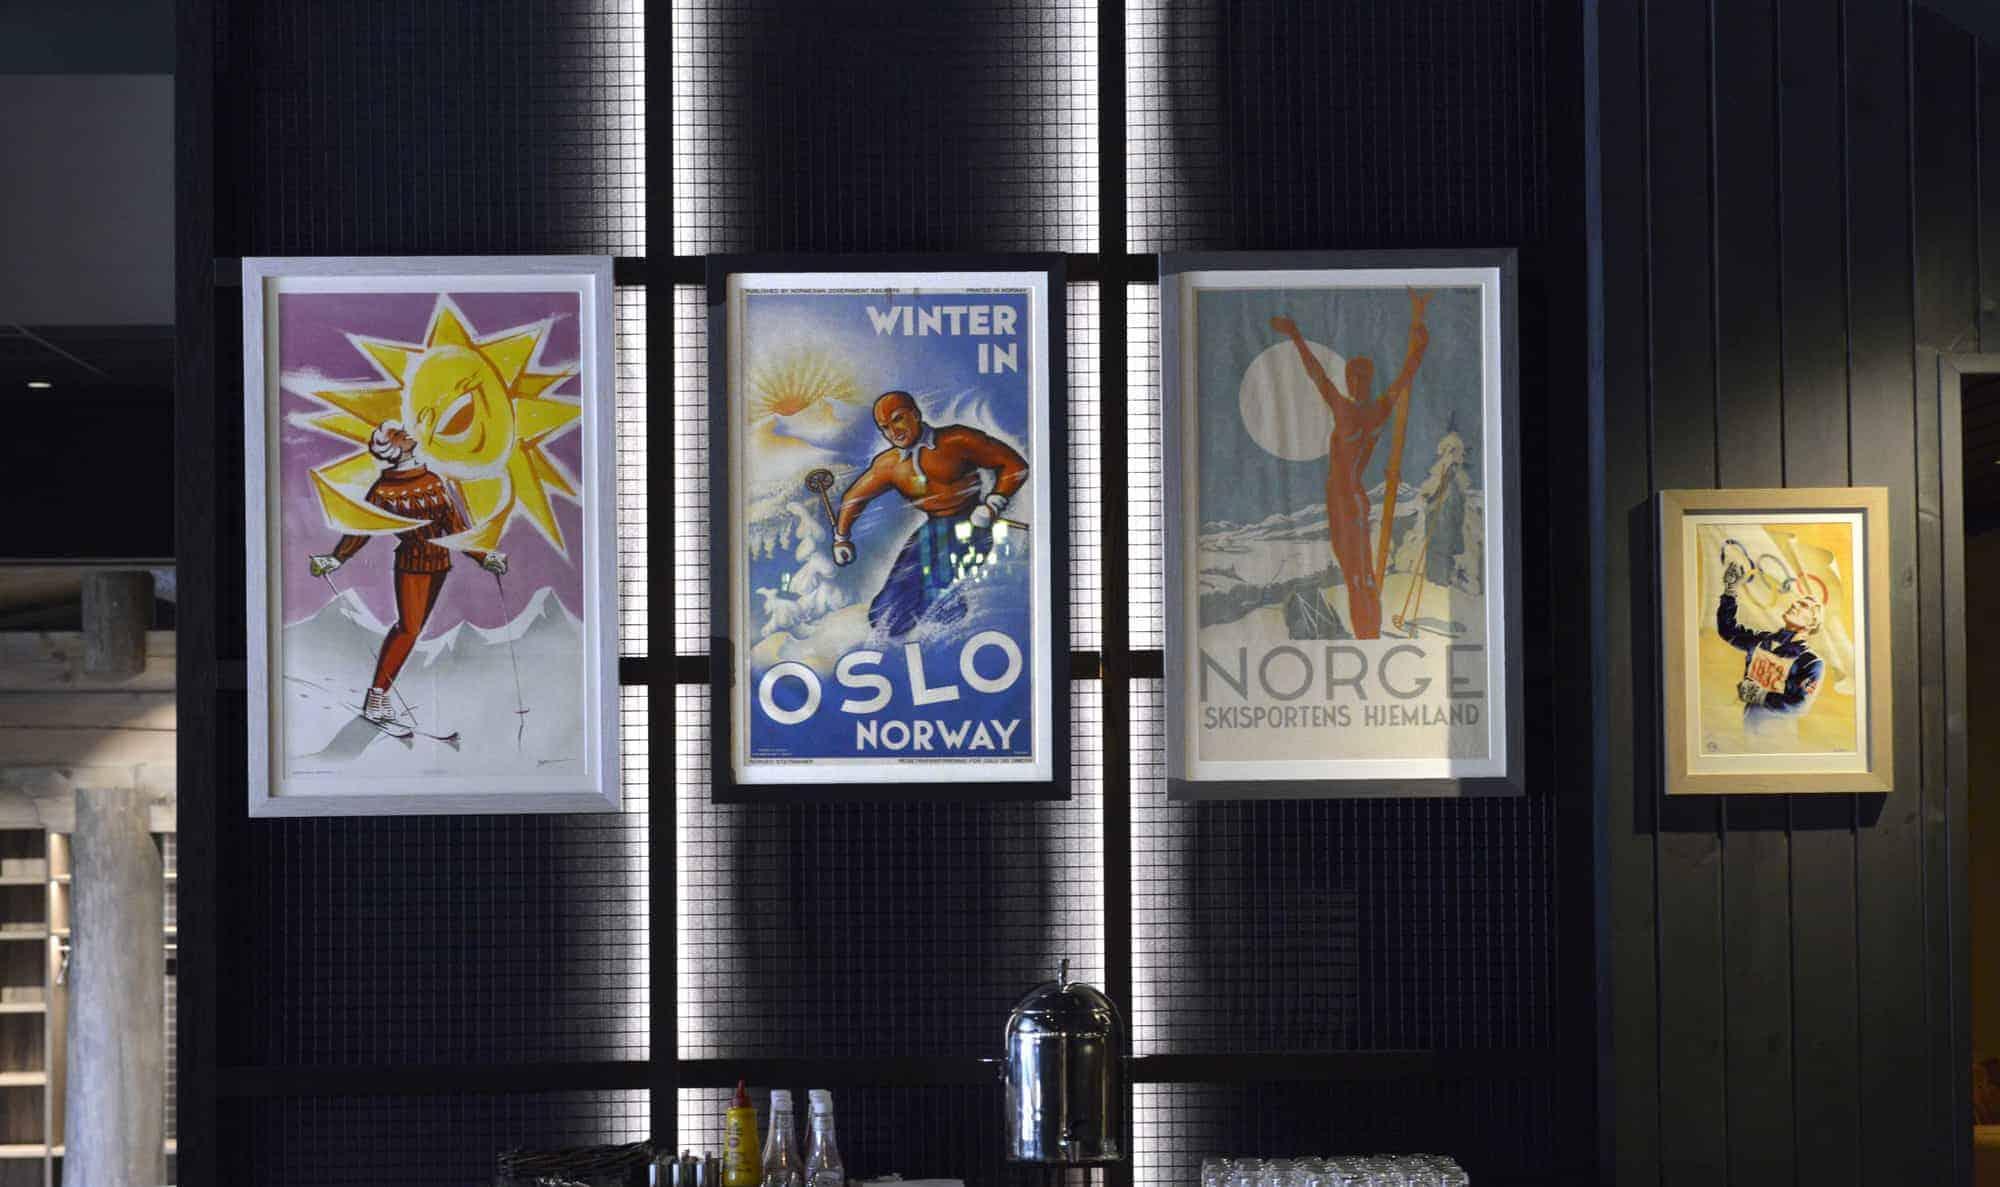 Oslo 1952. Plakat laget av Knut Yran (1920-1998). The Gundersen Collection har i dag har en av de største private samlingene med plakater med norske vintersportmotiv. Fra før 1907 og opp til i dag.